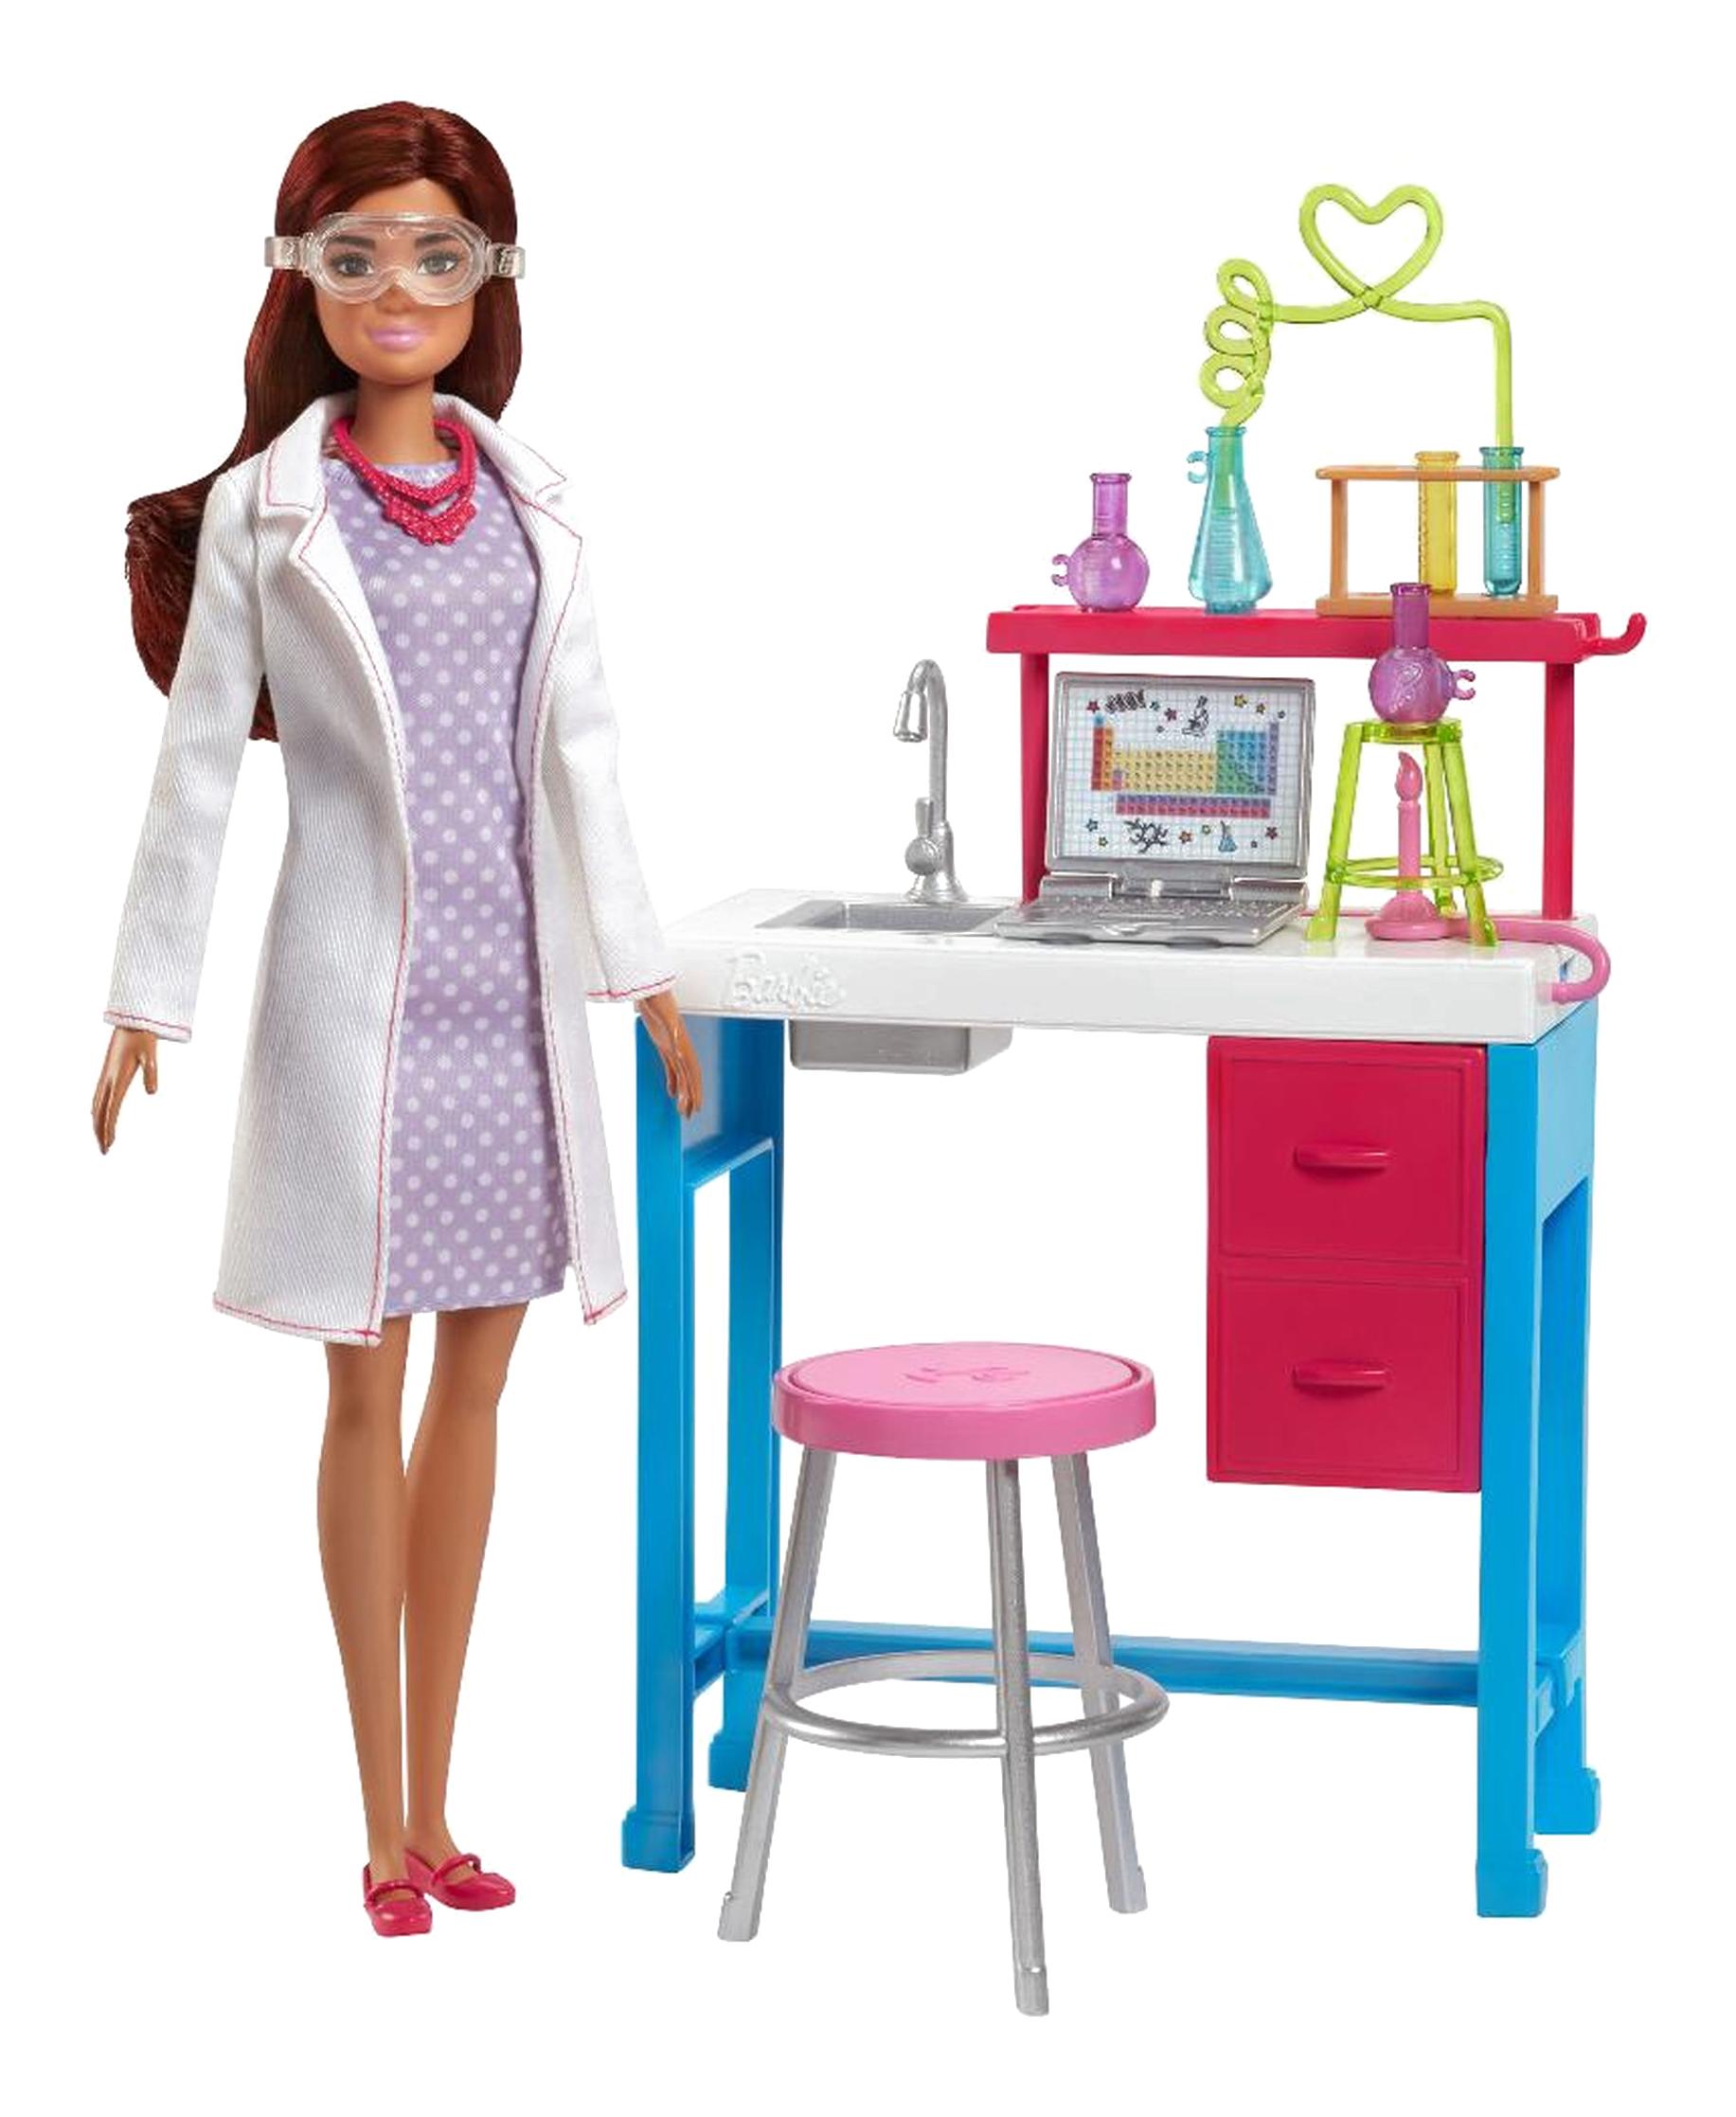 Купить Игровой набор Barbie Лаборатория FJB25 FJB28, Куклы Barbie